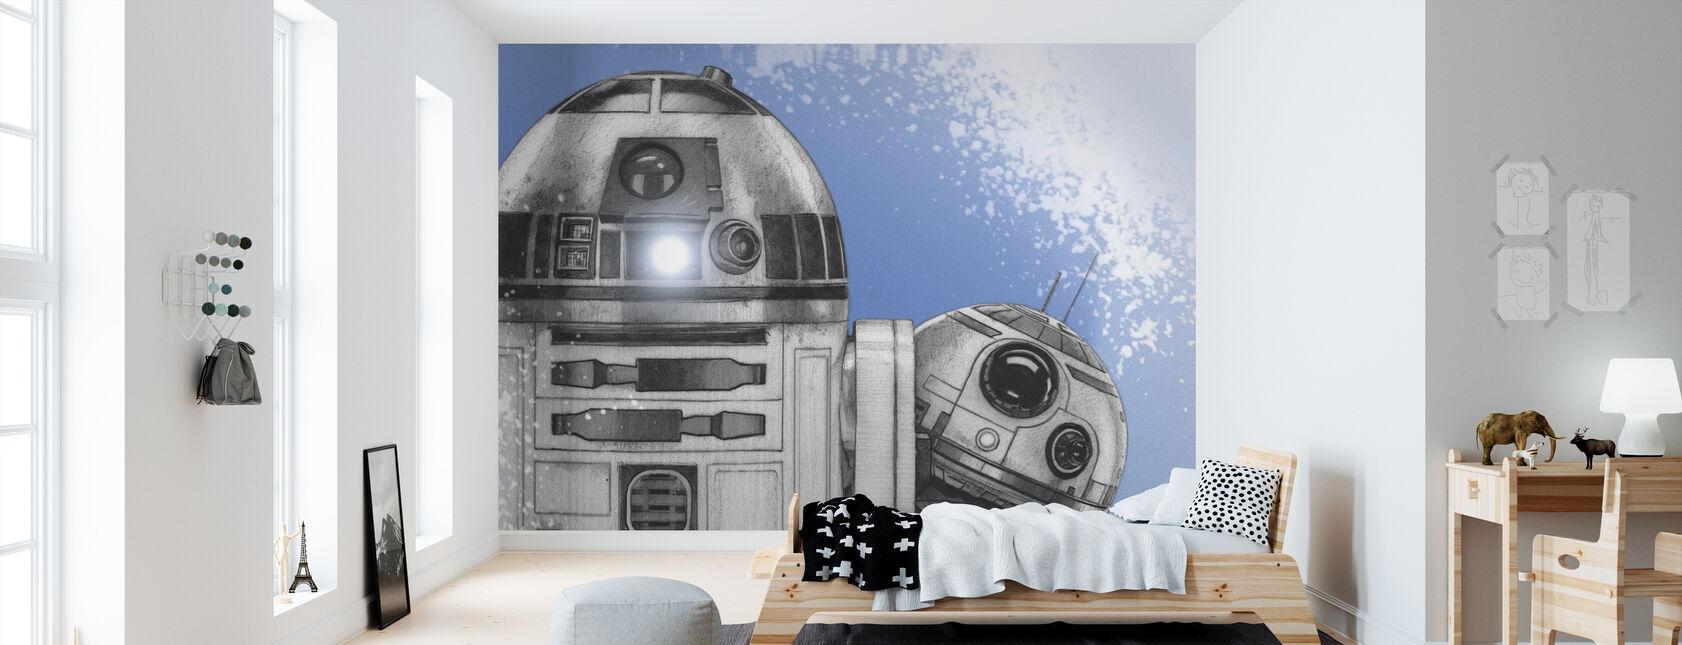 Star Wars - R2-D2 og BB-8 - Tapet - Børneværelse